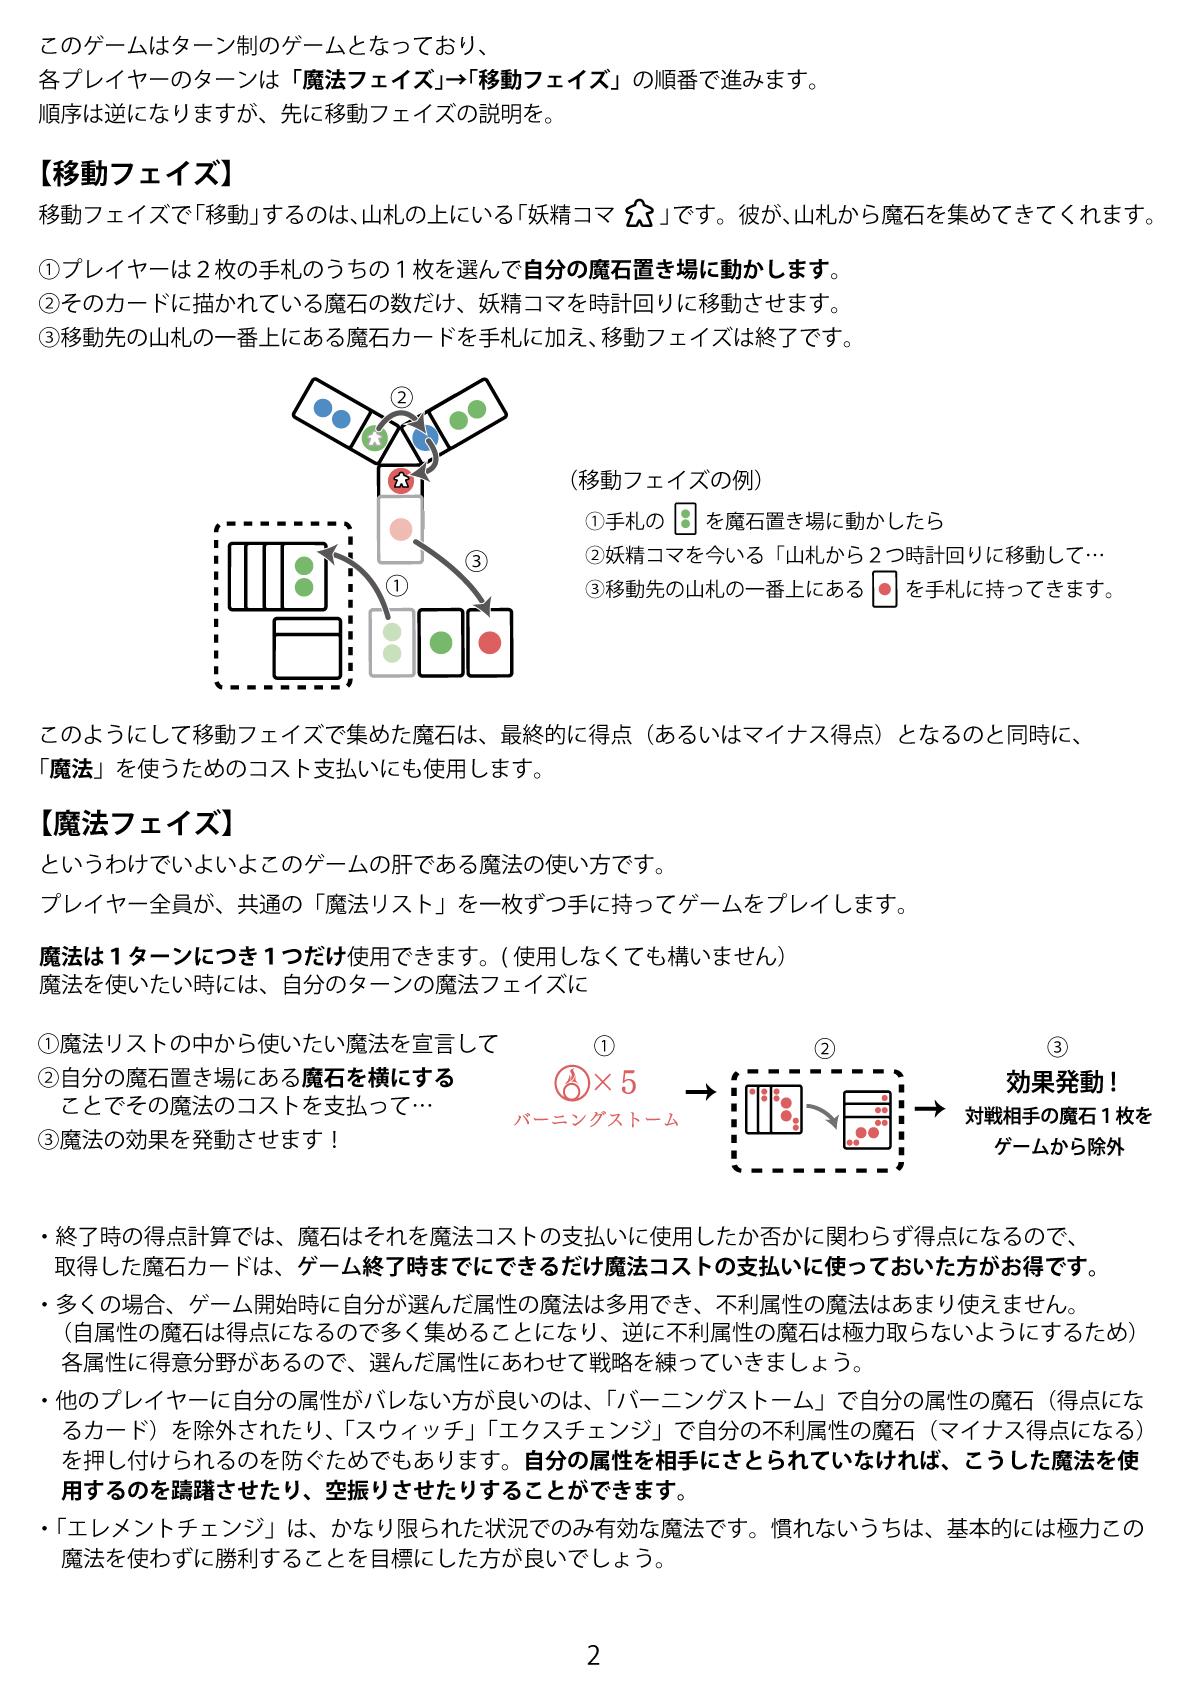 インスト用説明書2